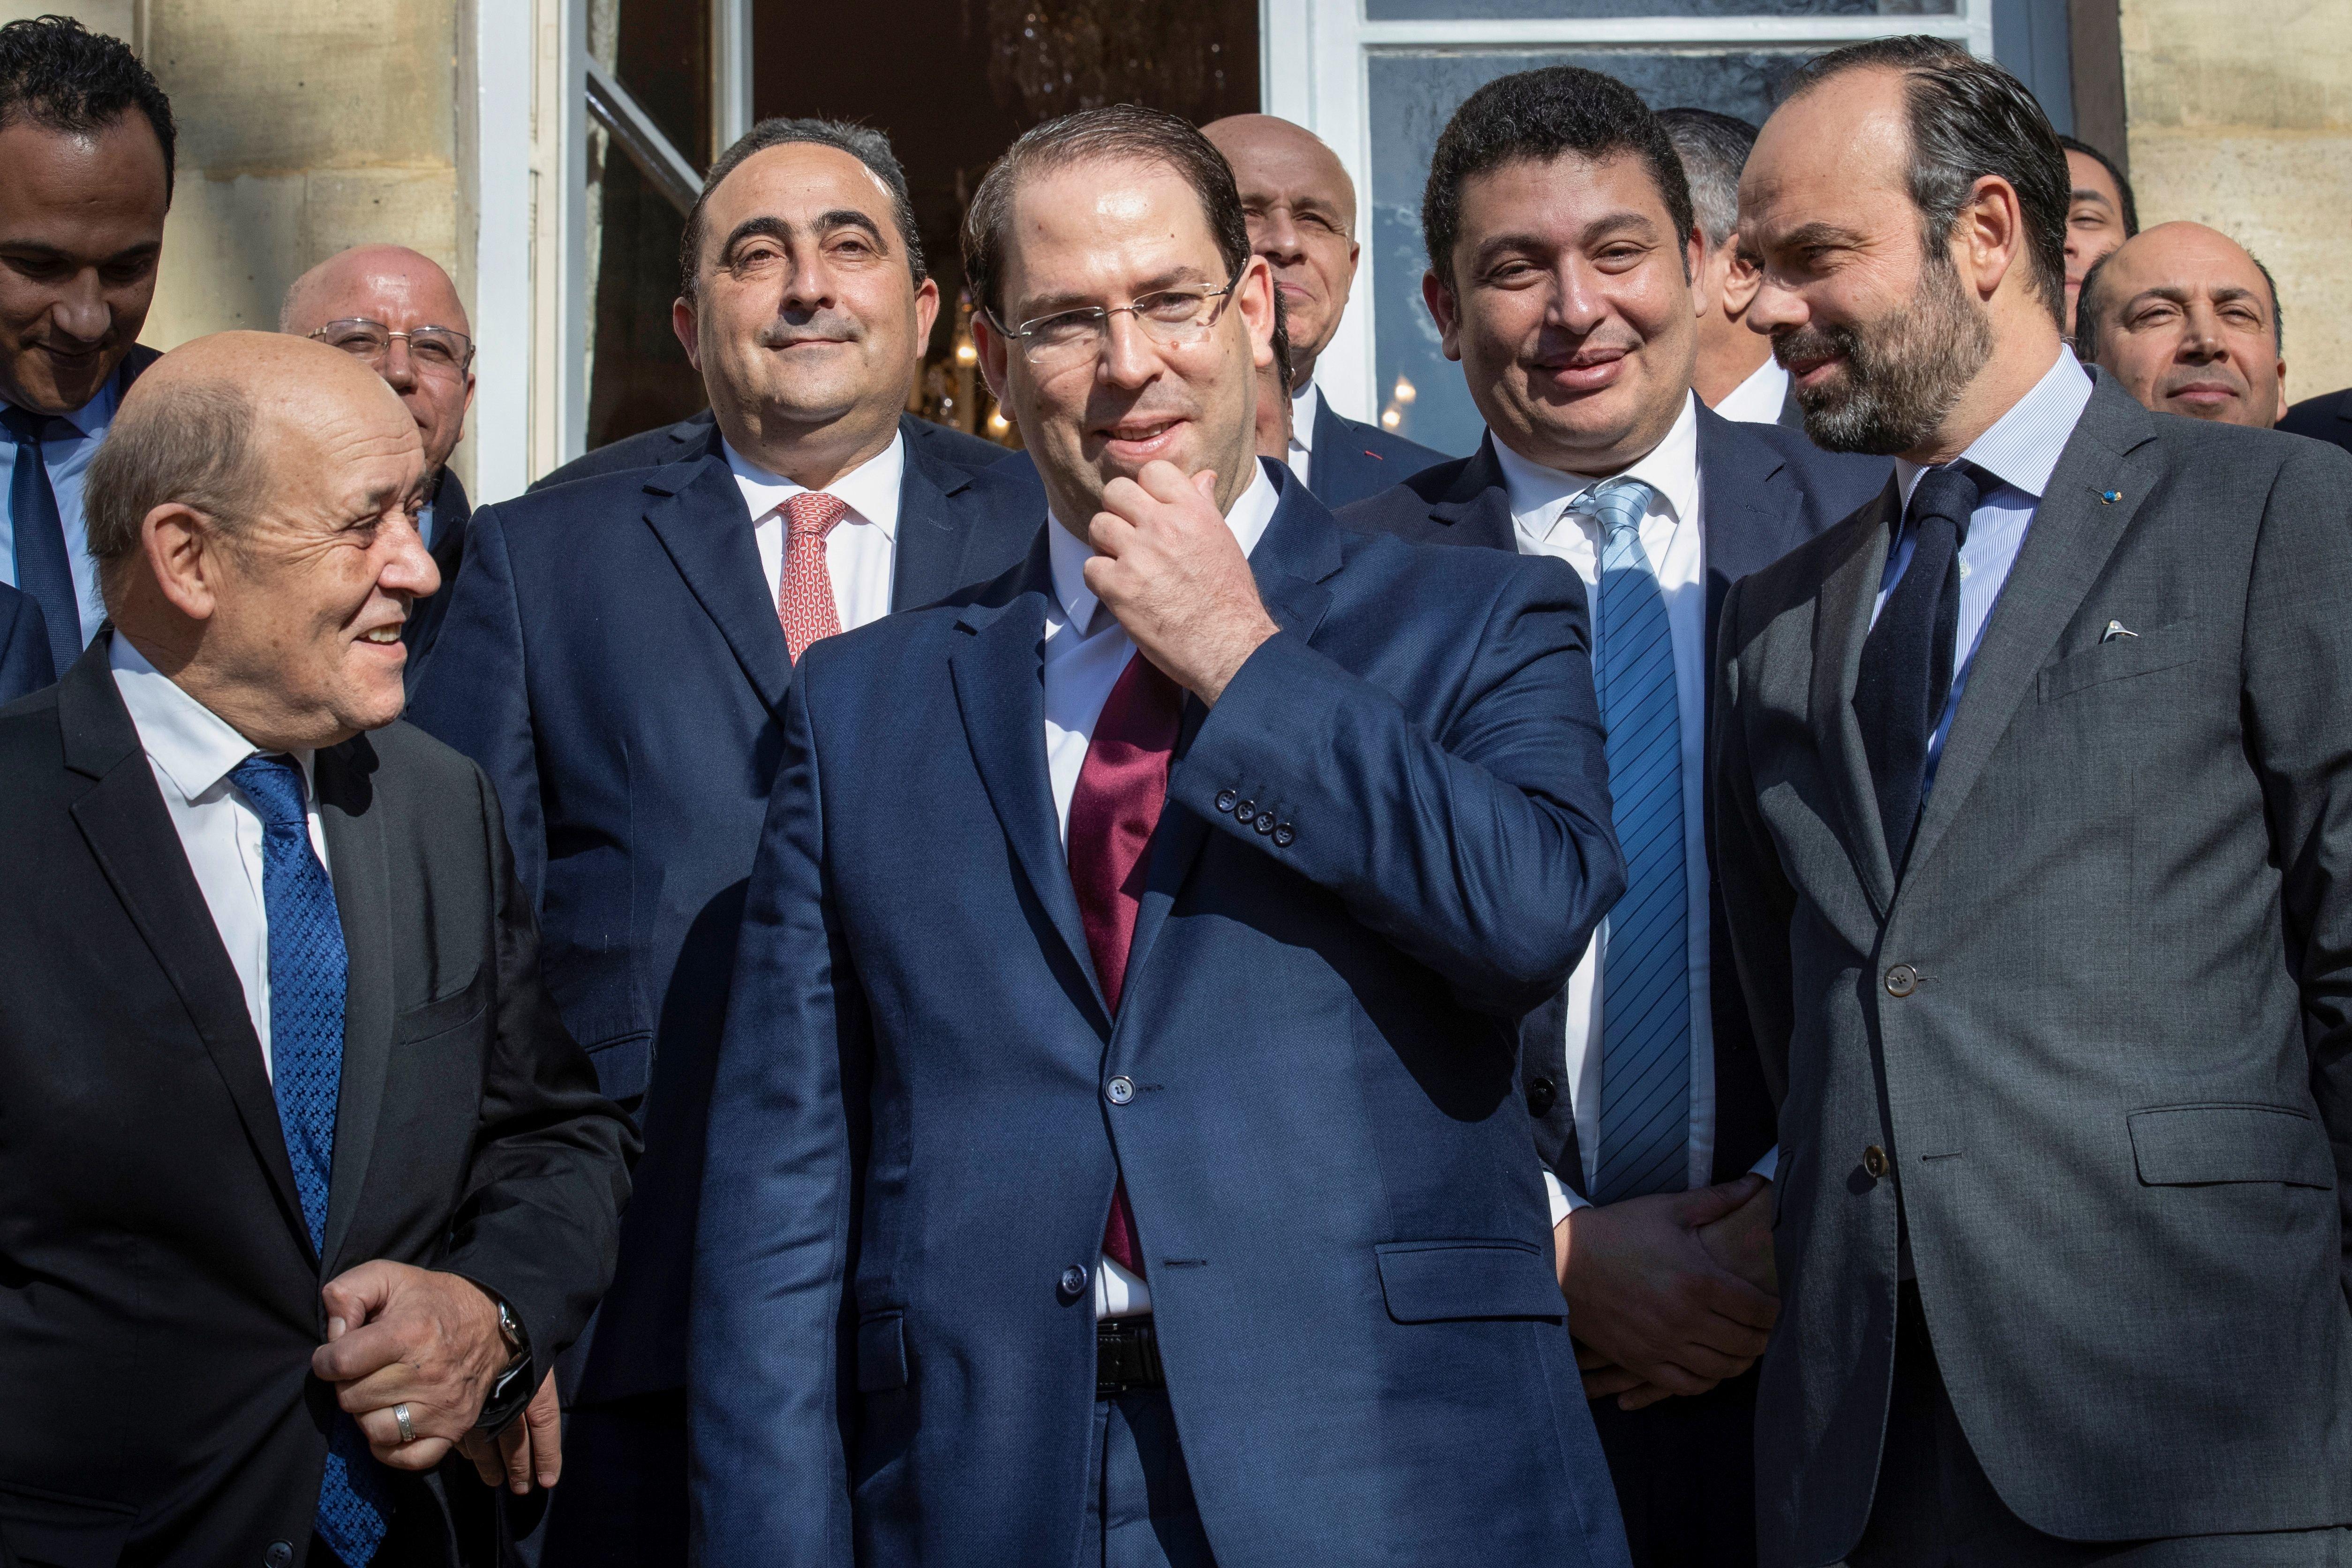 Youssef Chahed est la personnalité la plus apte à diriger le pays, selon ce